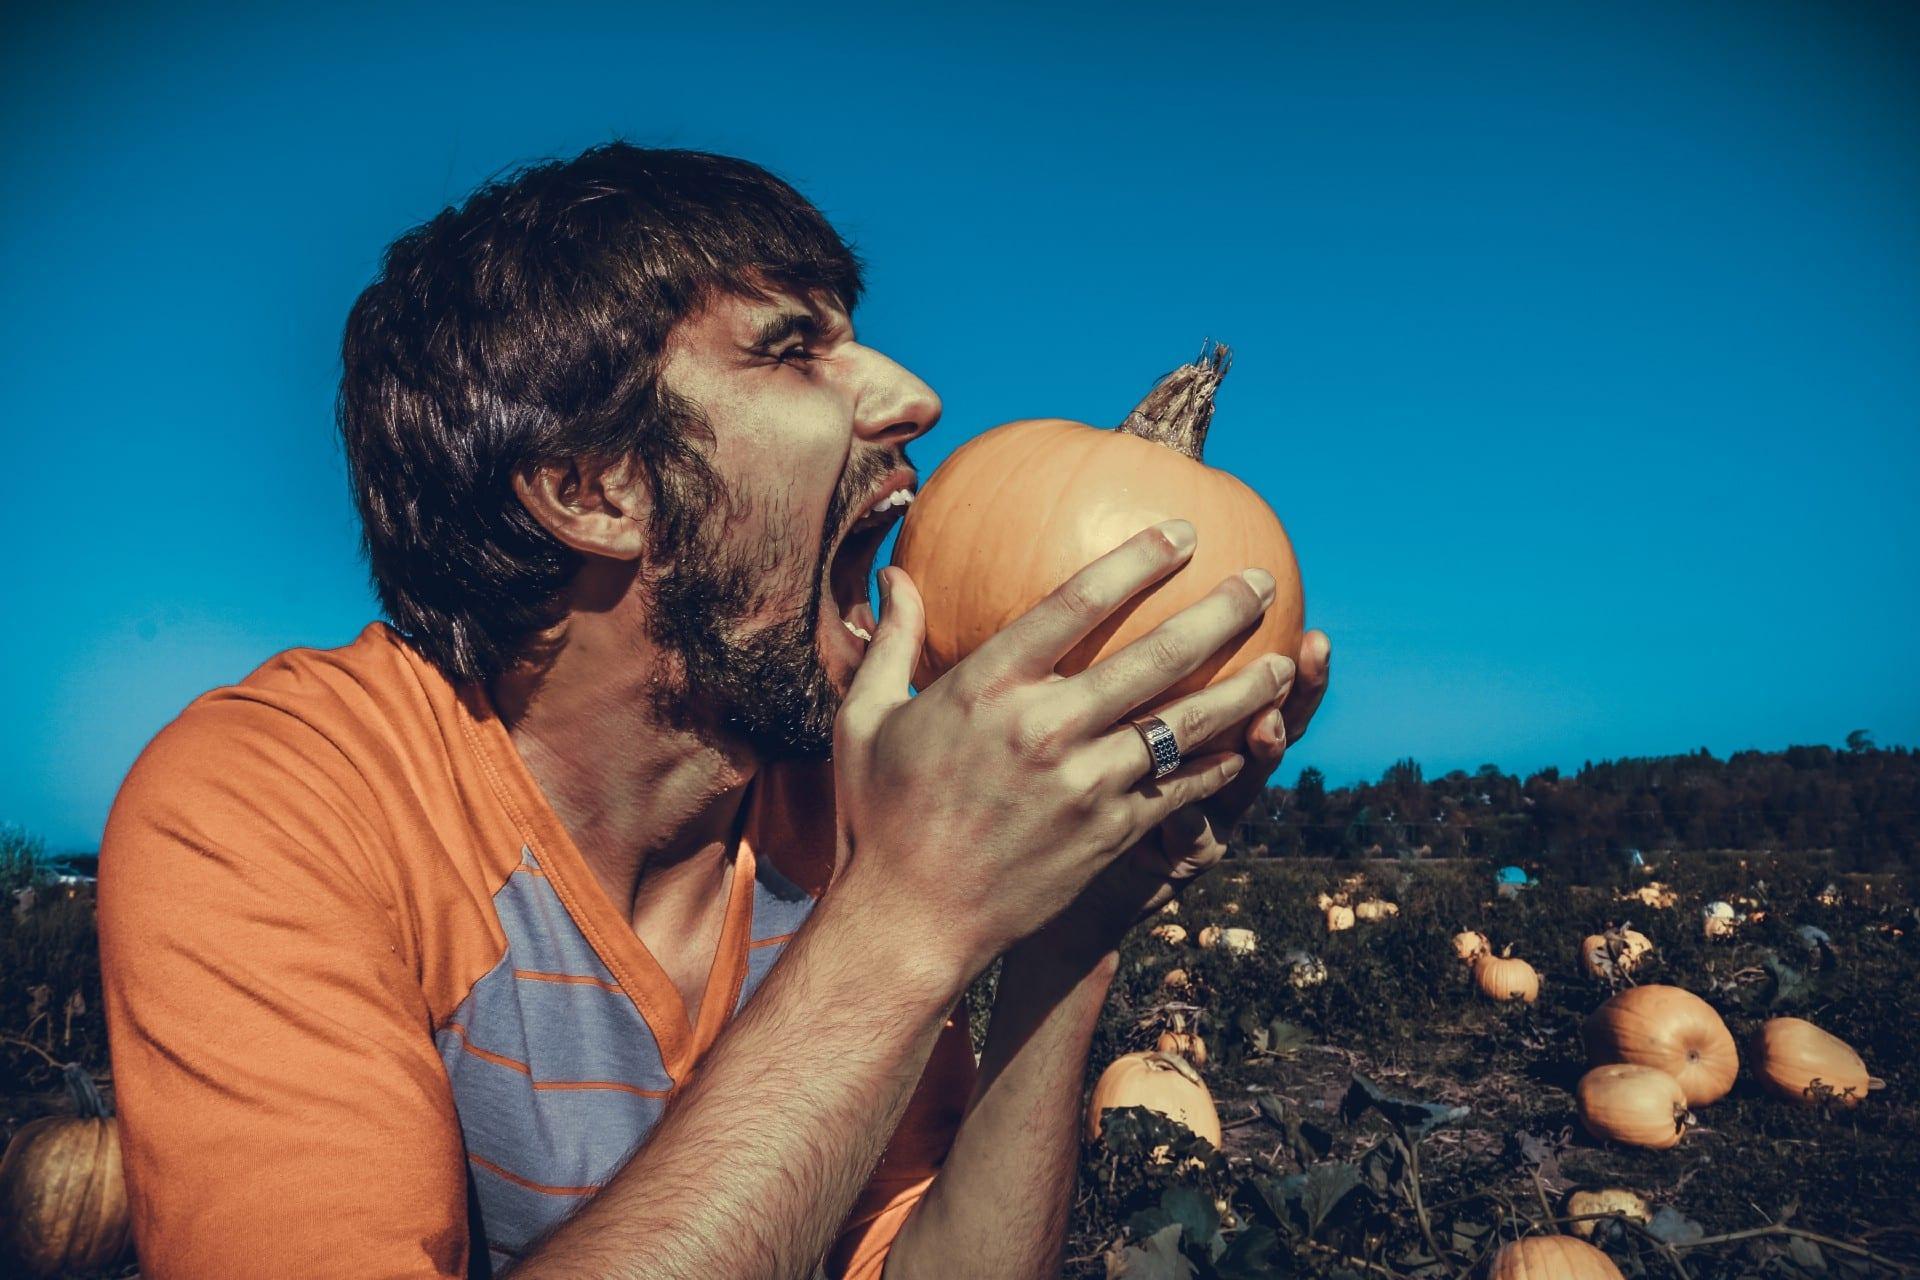 Голод может вызывать долгосрочные нарушения настроения